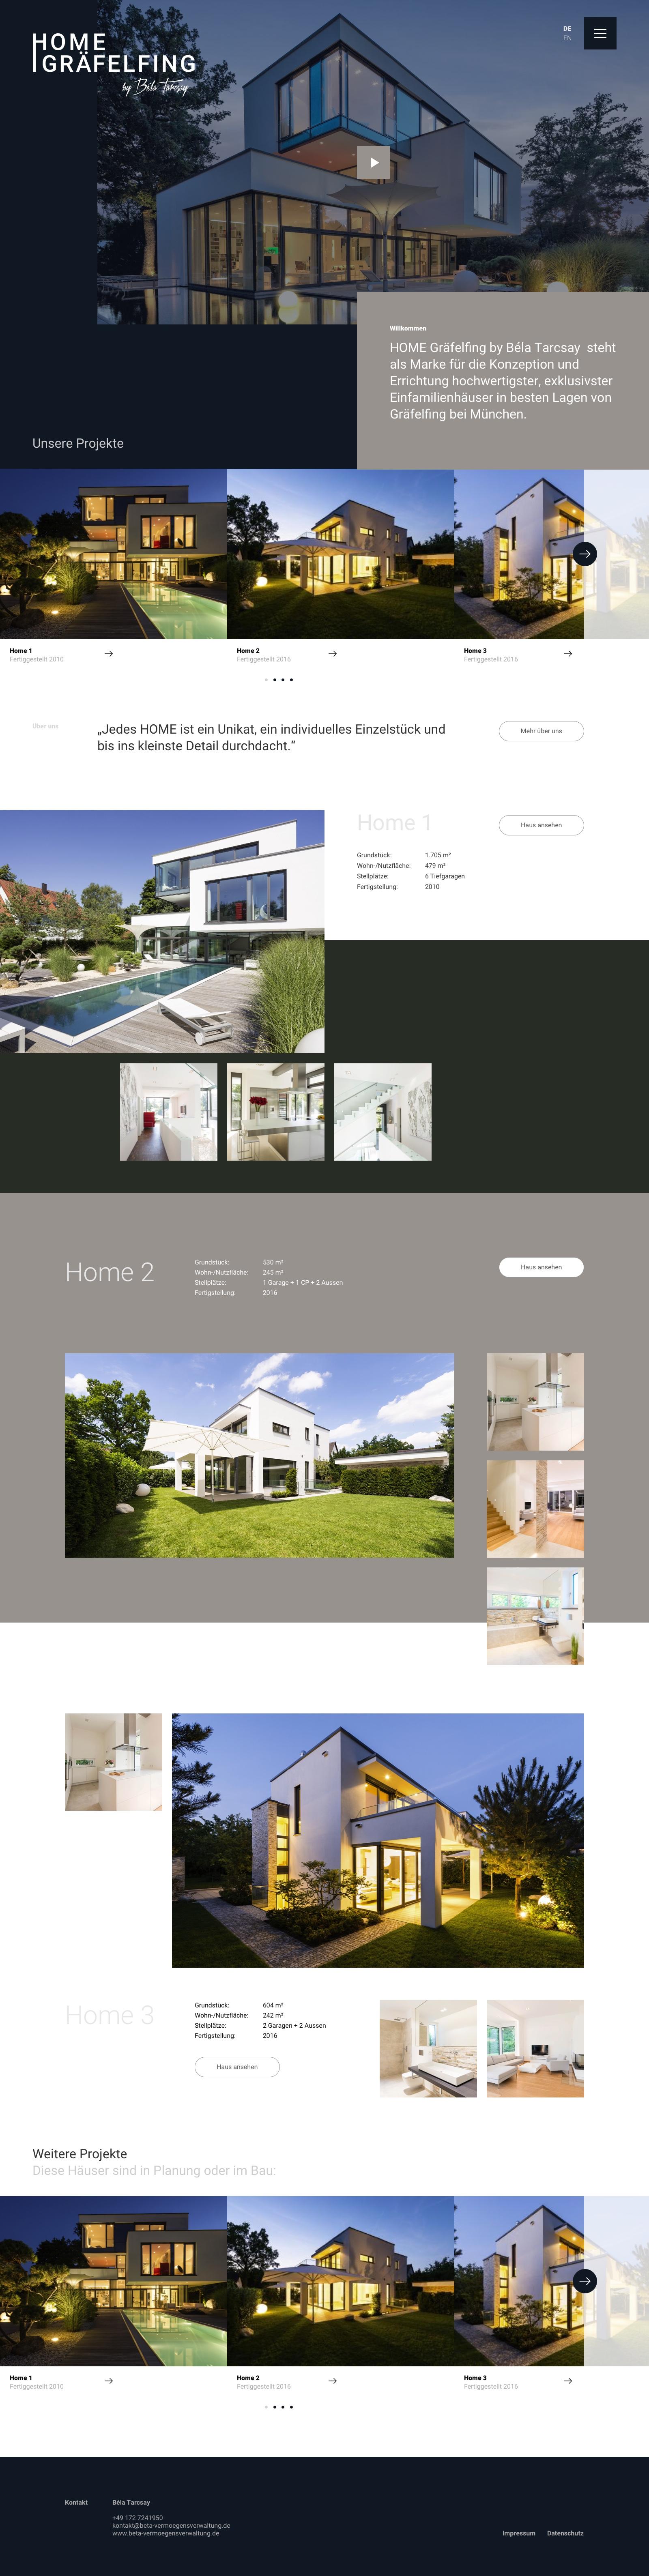 Webdesign und Branding für ein Immobilienunternehmen: Home Gräfelfing: Eine weitere Unterseite